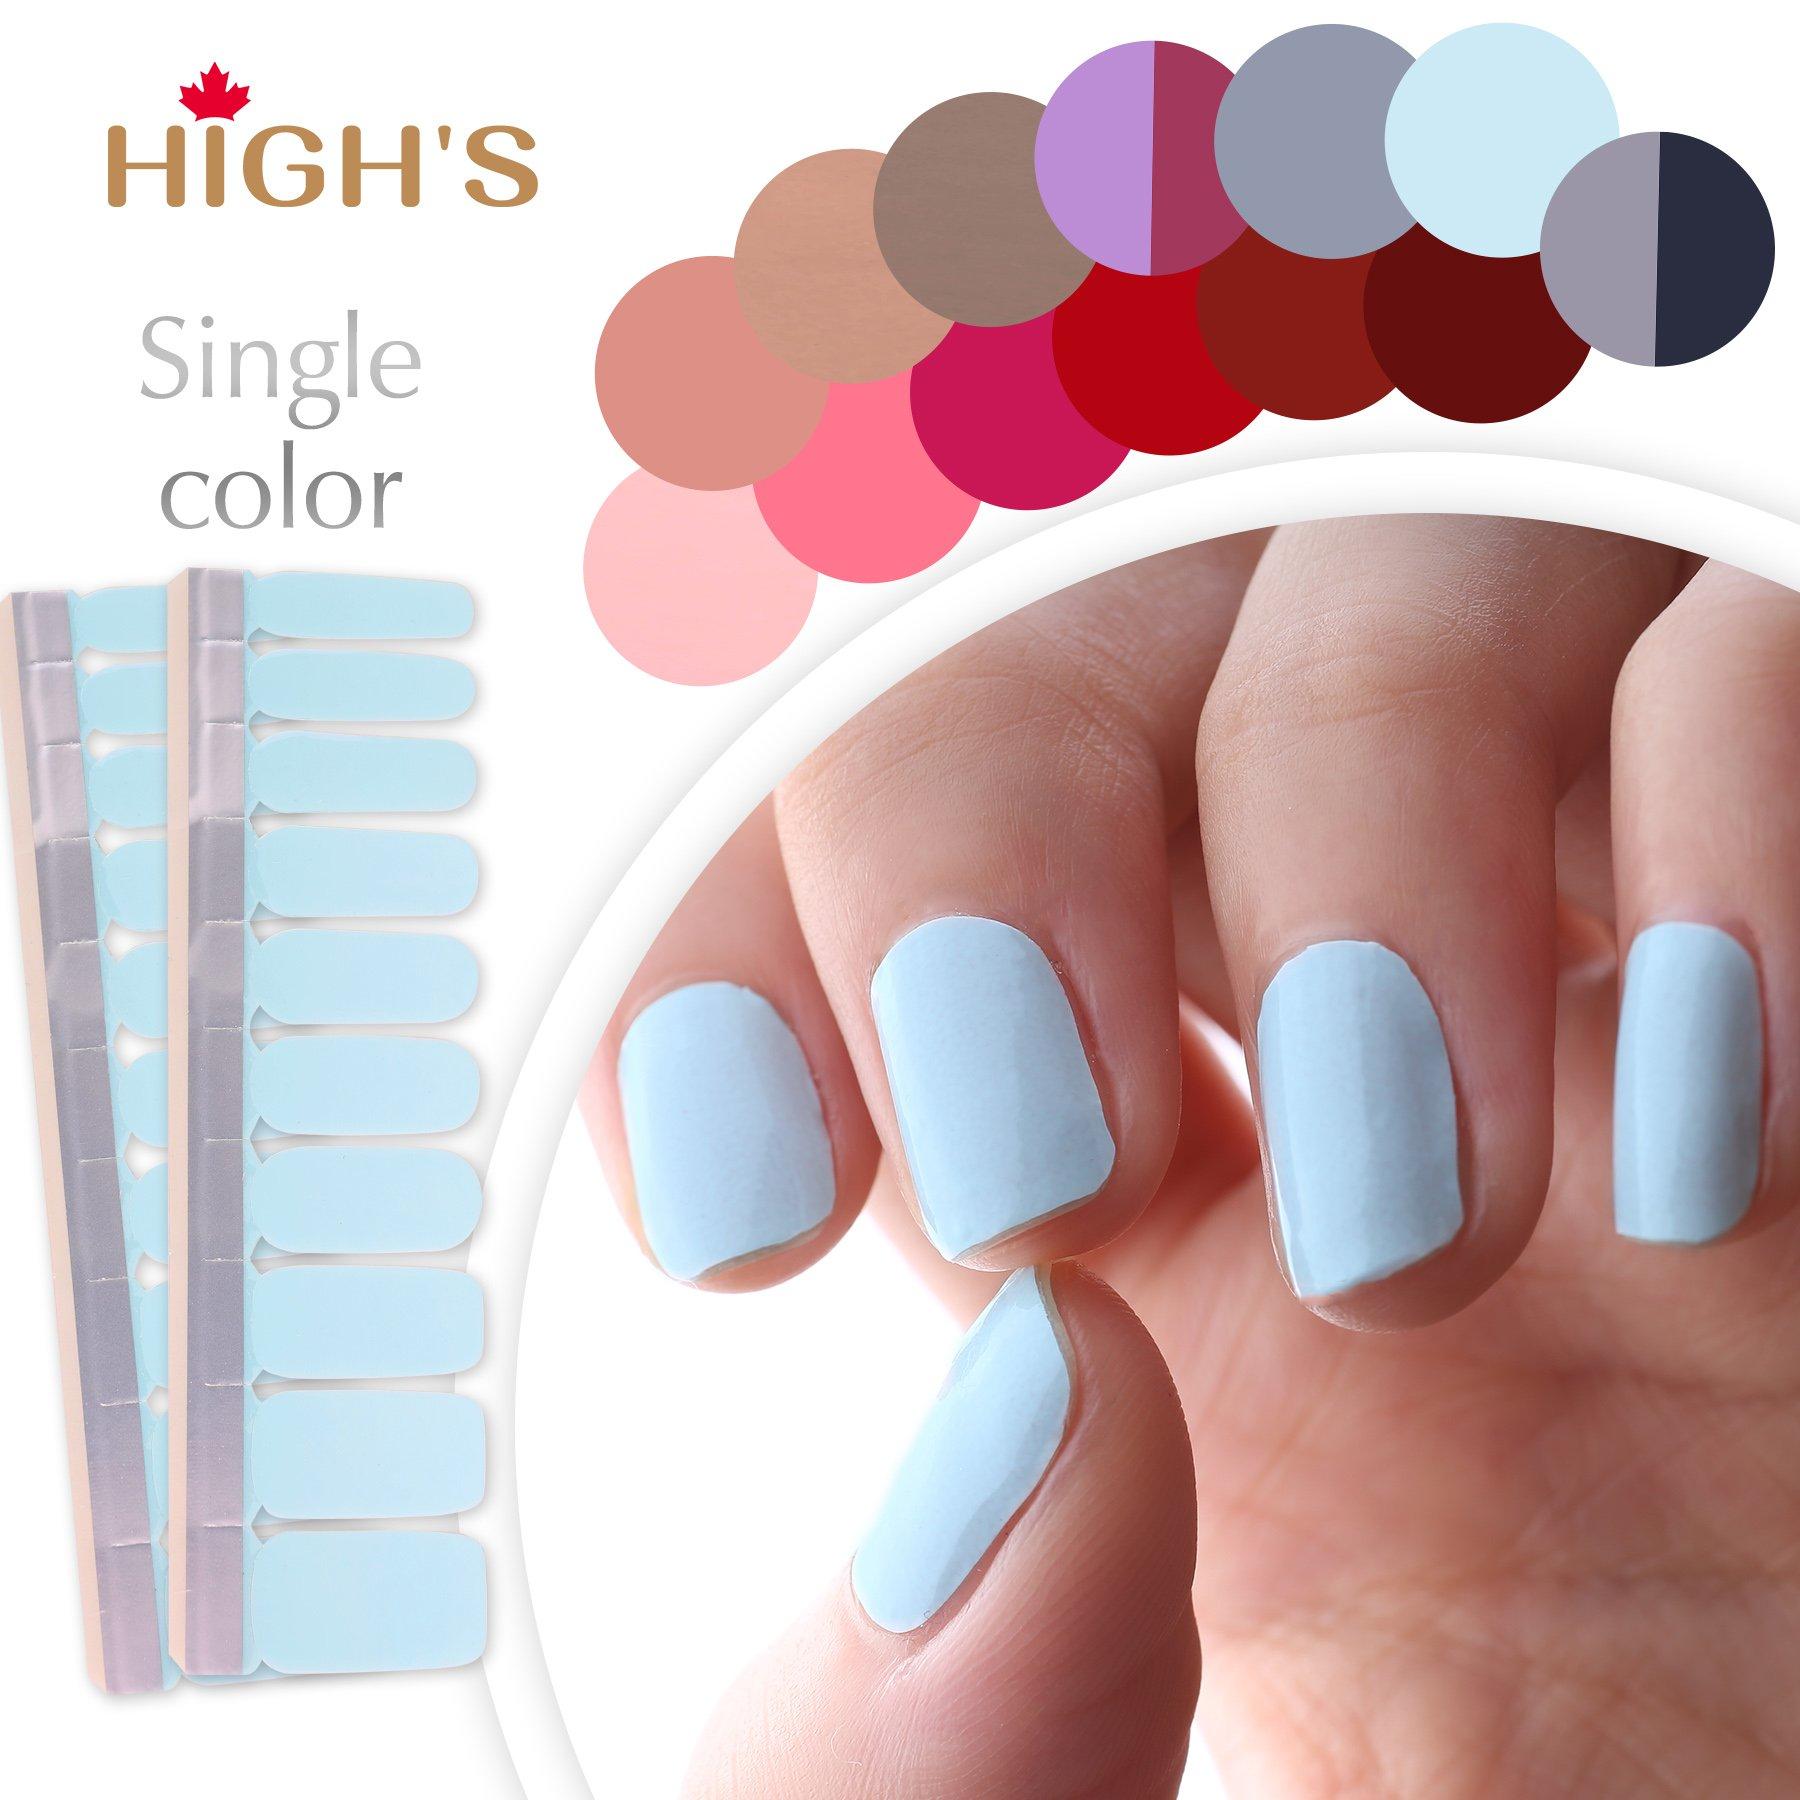 Amazon.com : Angel Beauty - Premium Nail Wraps - A Splash of Color ...